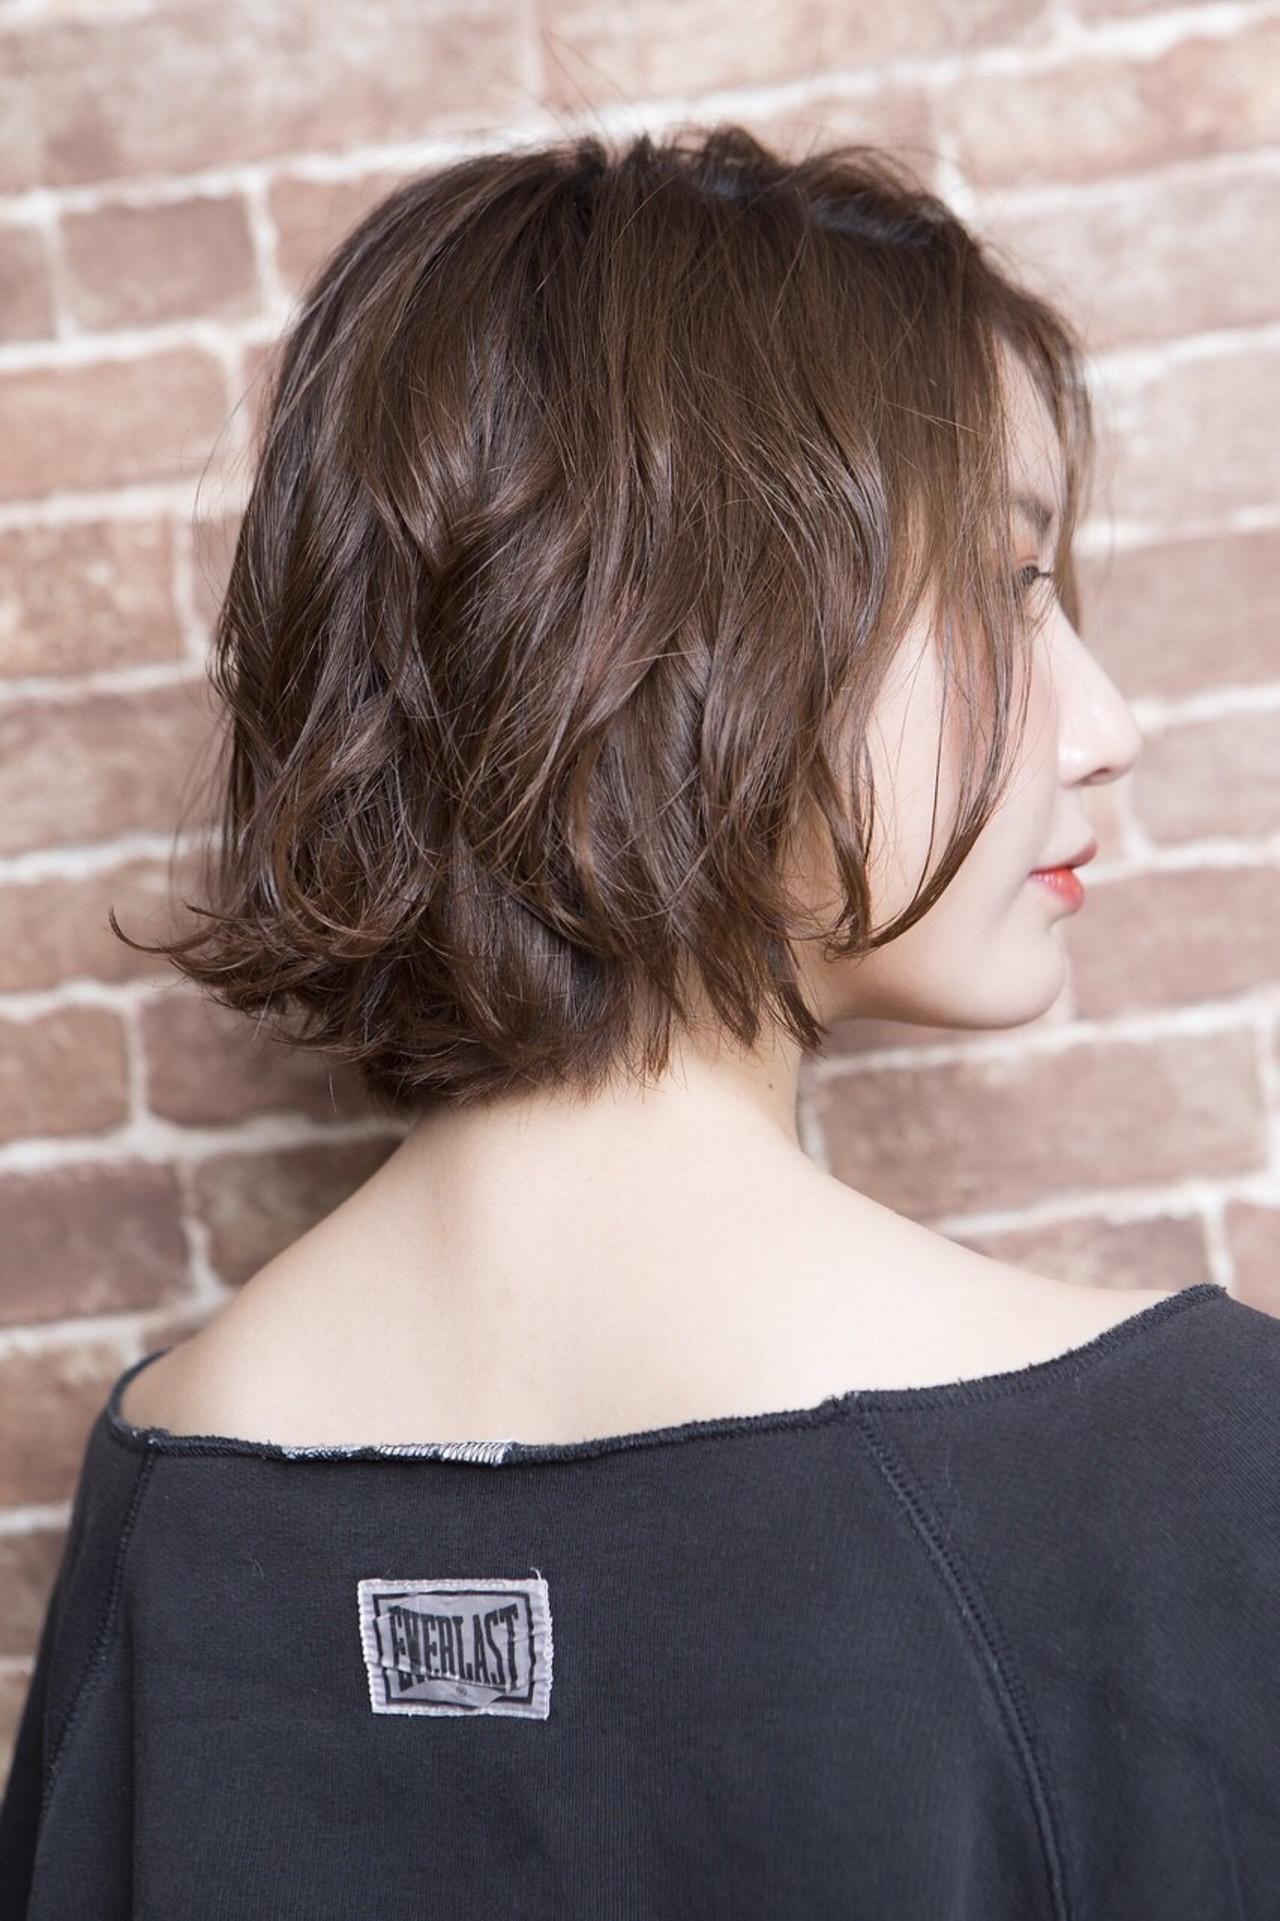 ボブ フェミニン 無造作パーマ ショートヘア ヘアスタイルや髪型の写真・画像